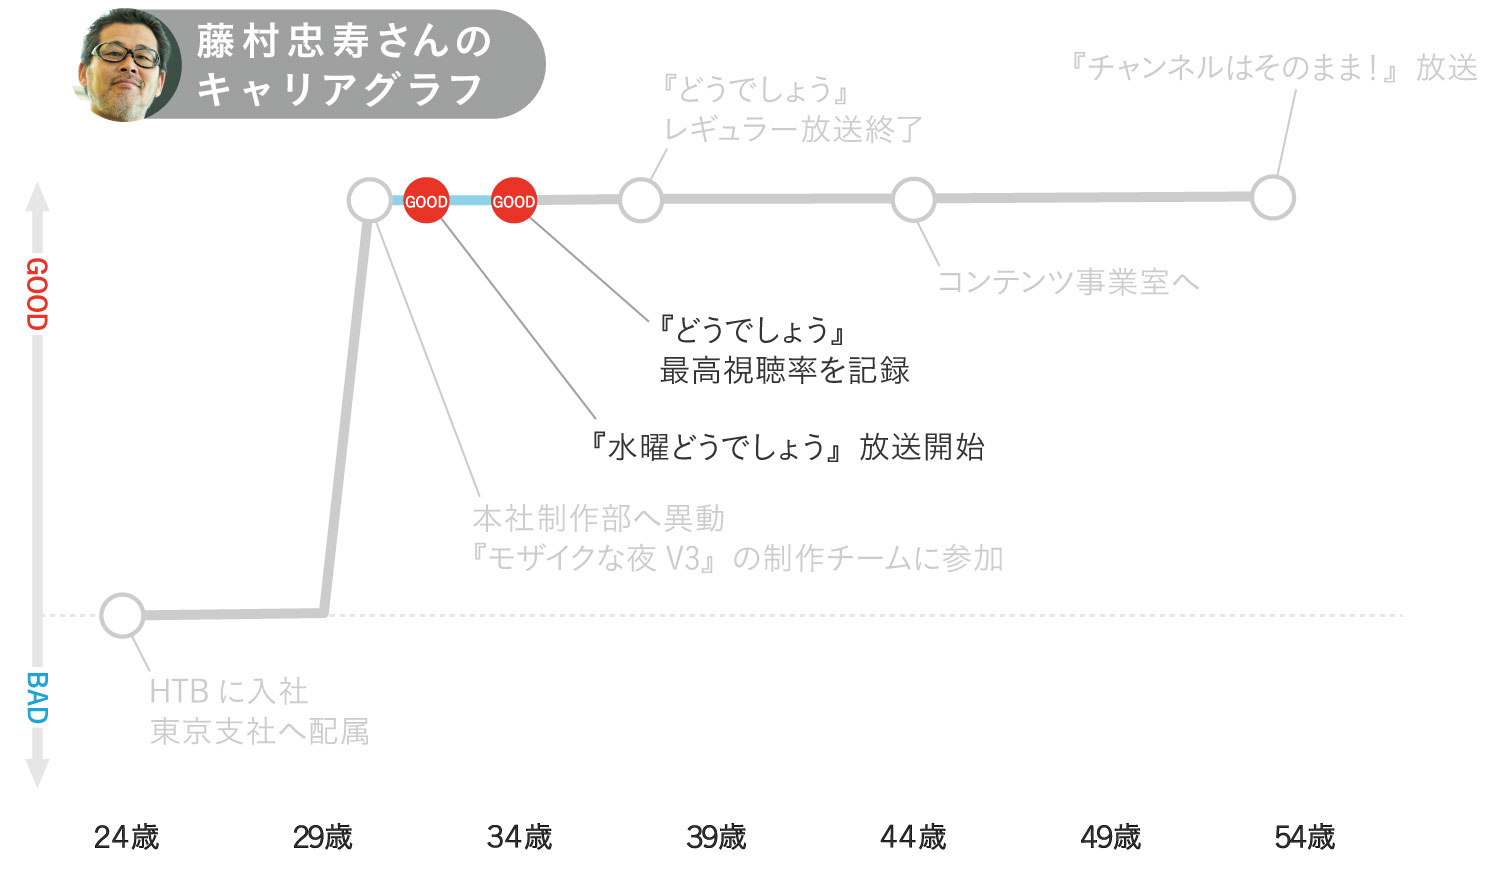 藤村忠寿さんのキャリアグラフ3